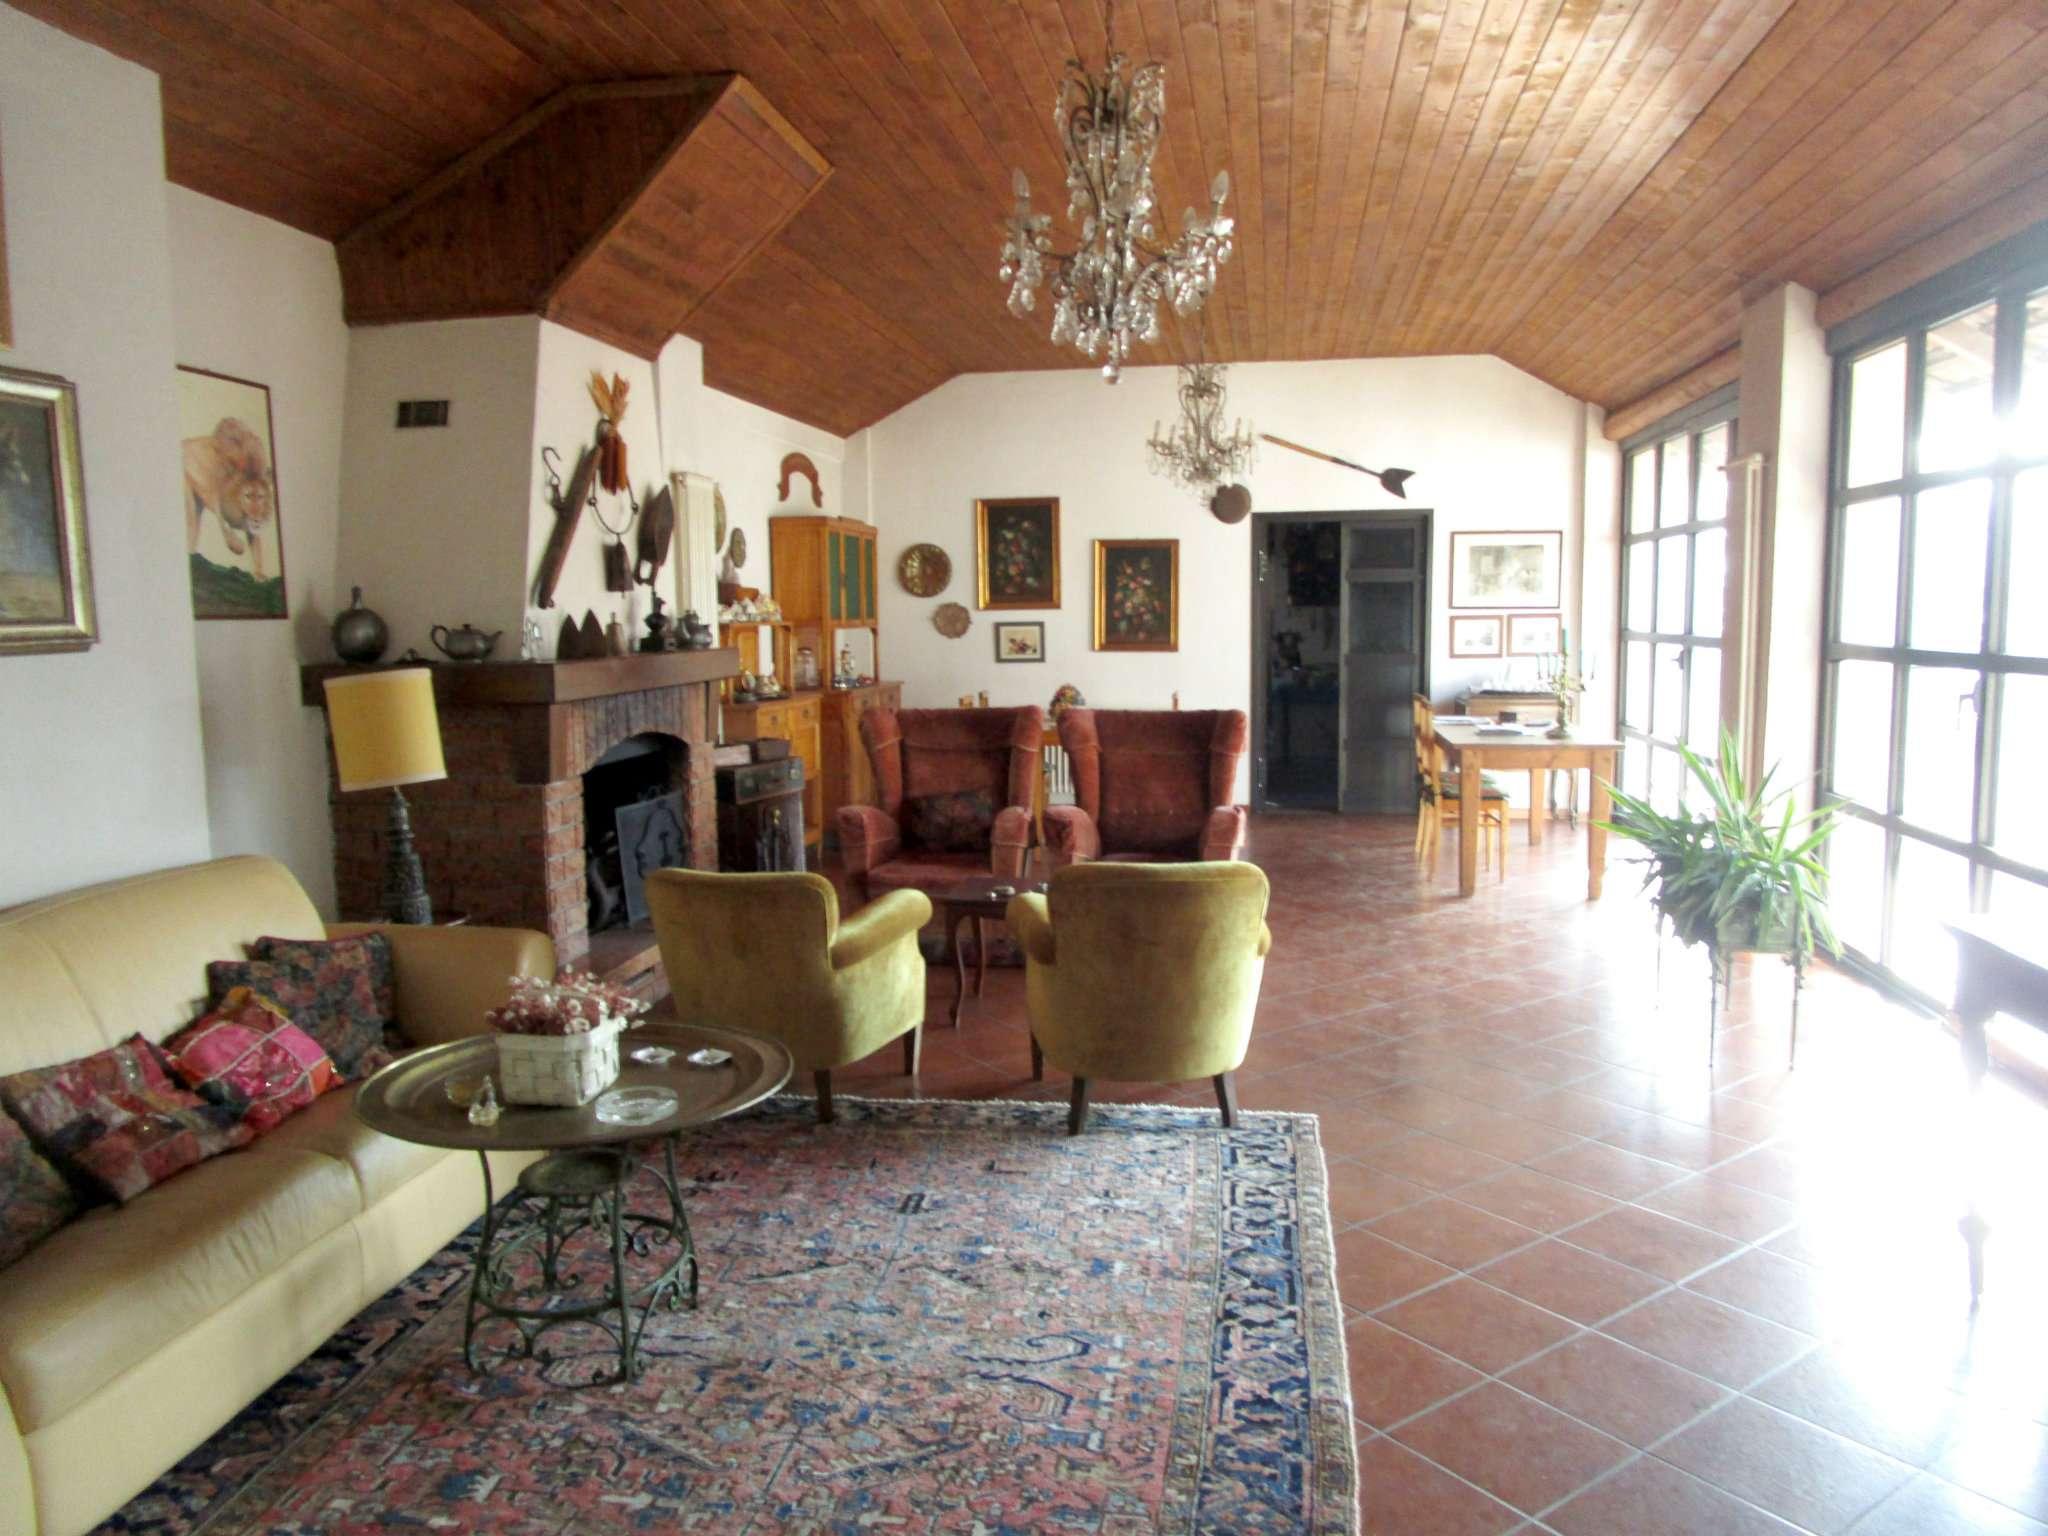 Rustico / Casale in vendita a Cassano Valcuvia, 10 locali, prezzo € 690.000 | CambioCasa.it